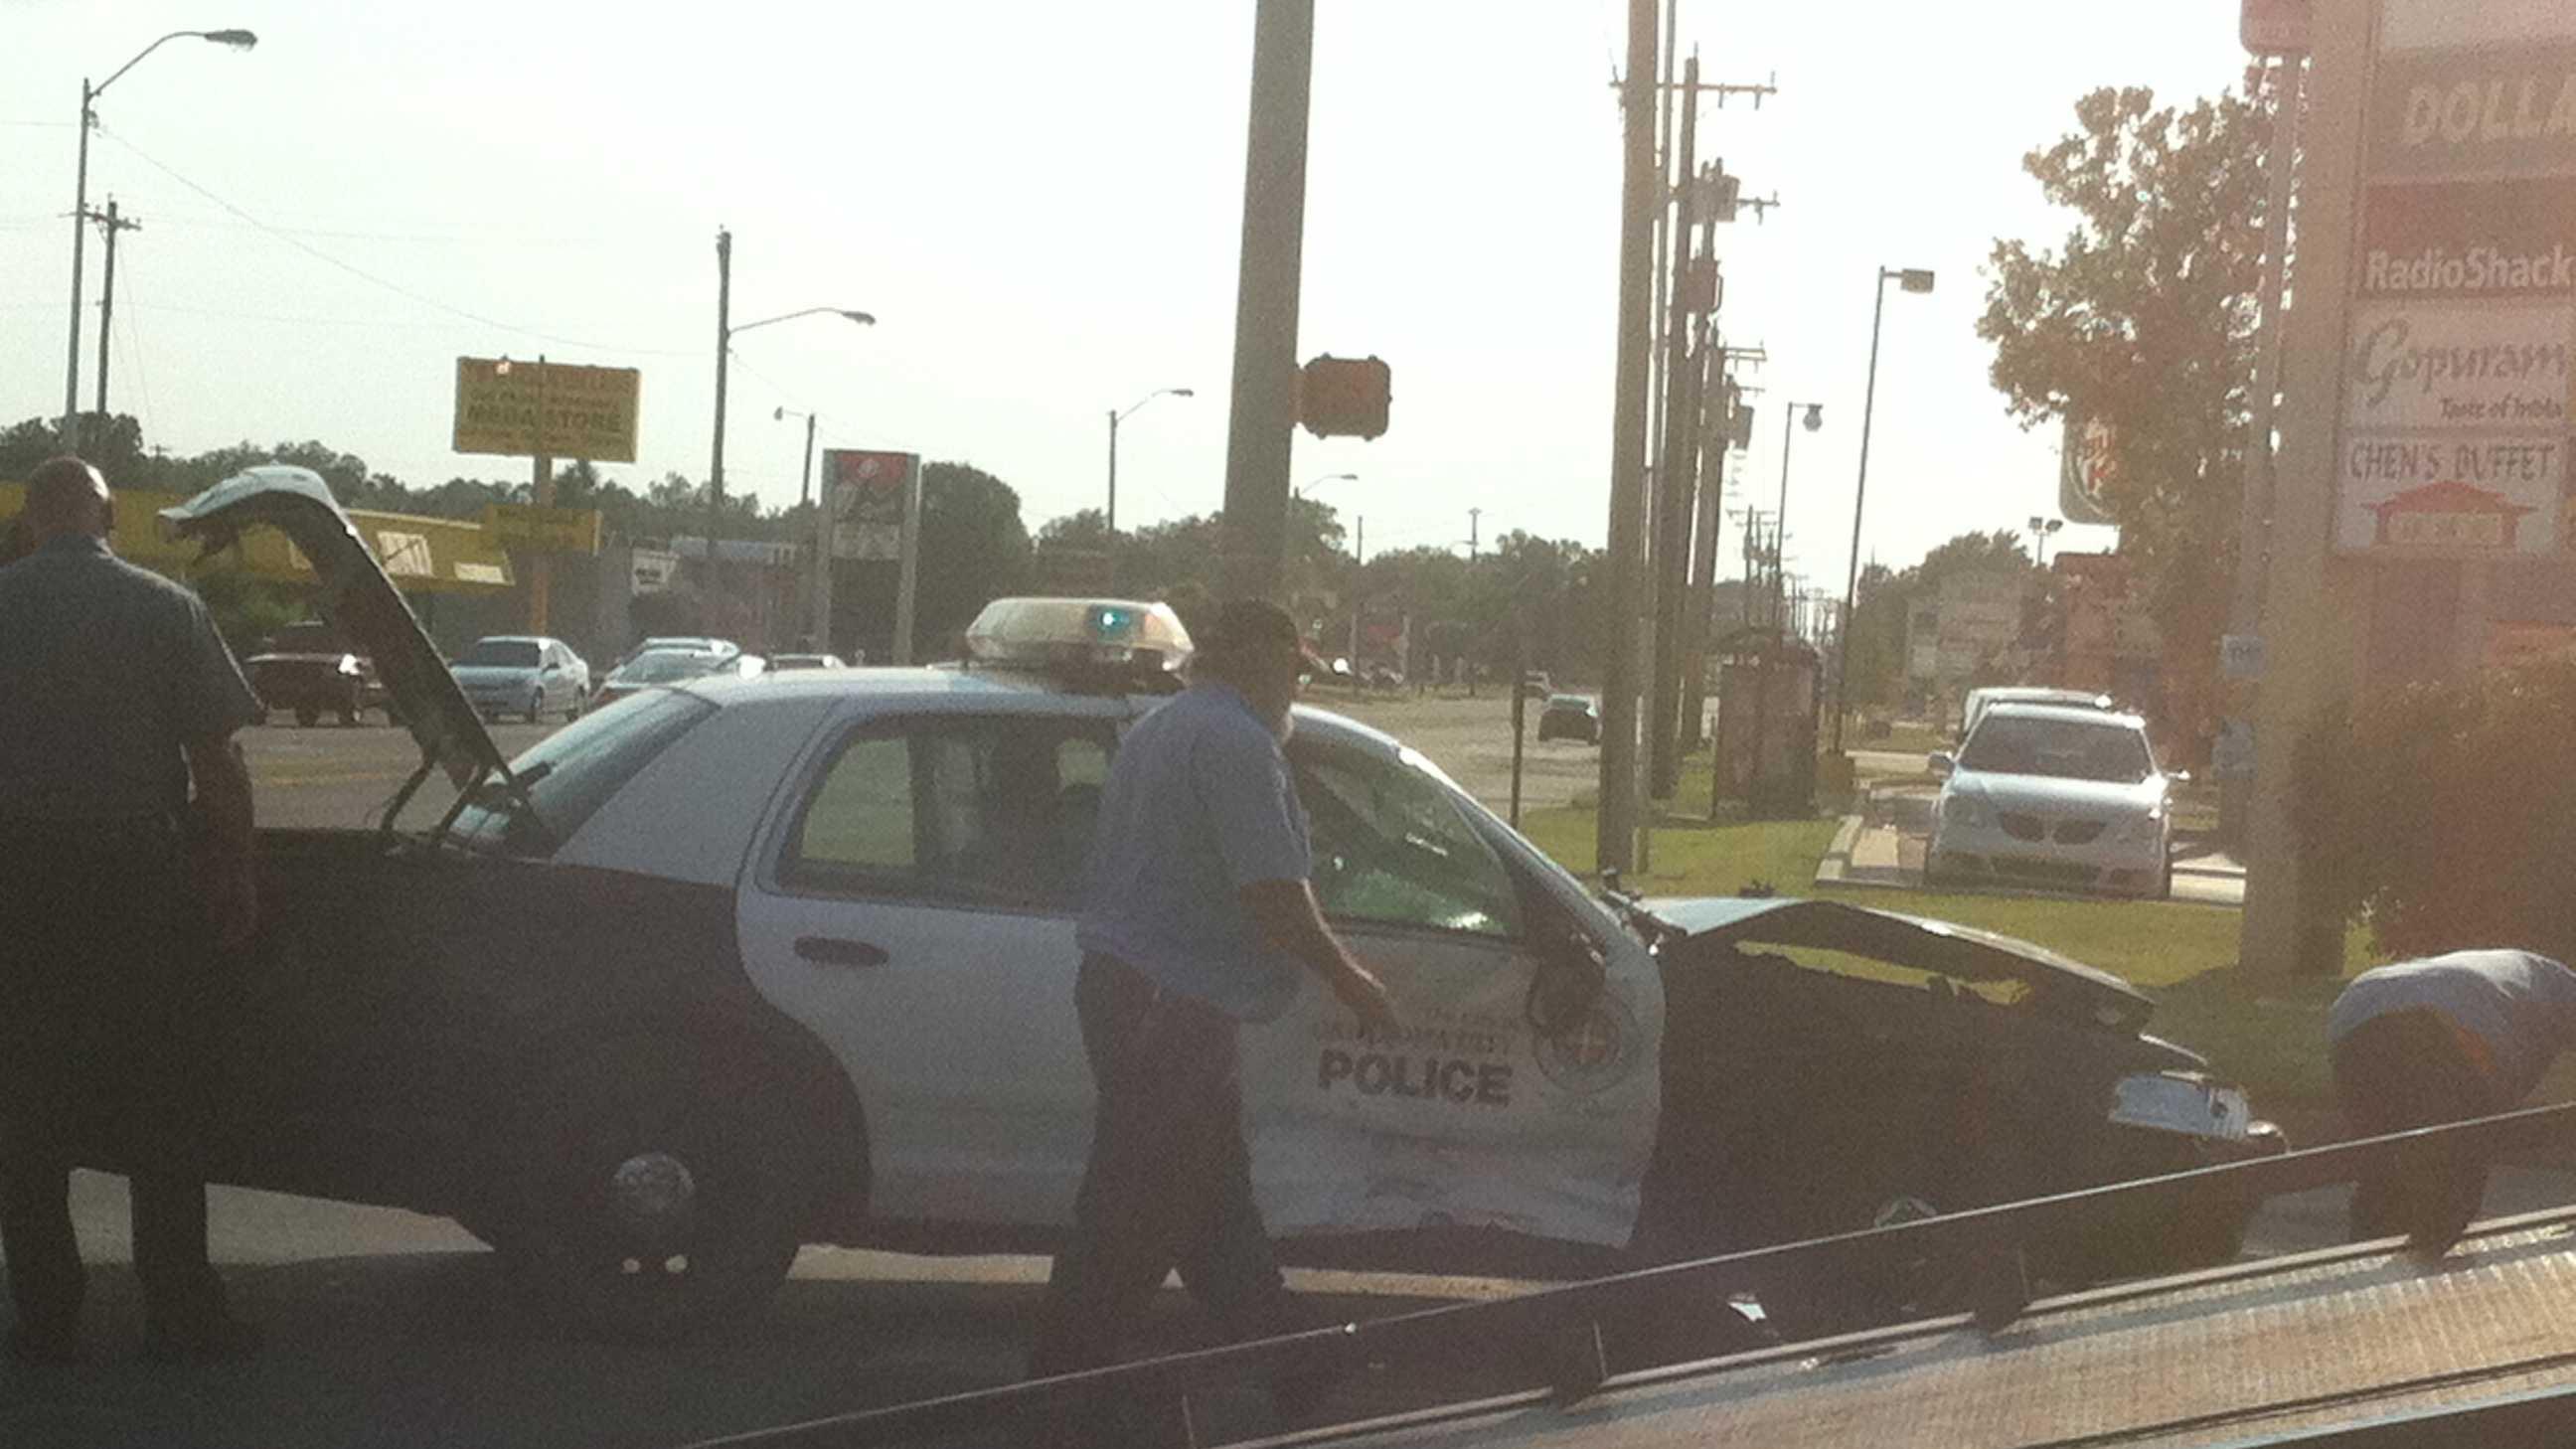 officer_involved_wreck2.JPG